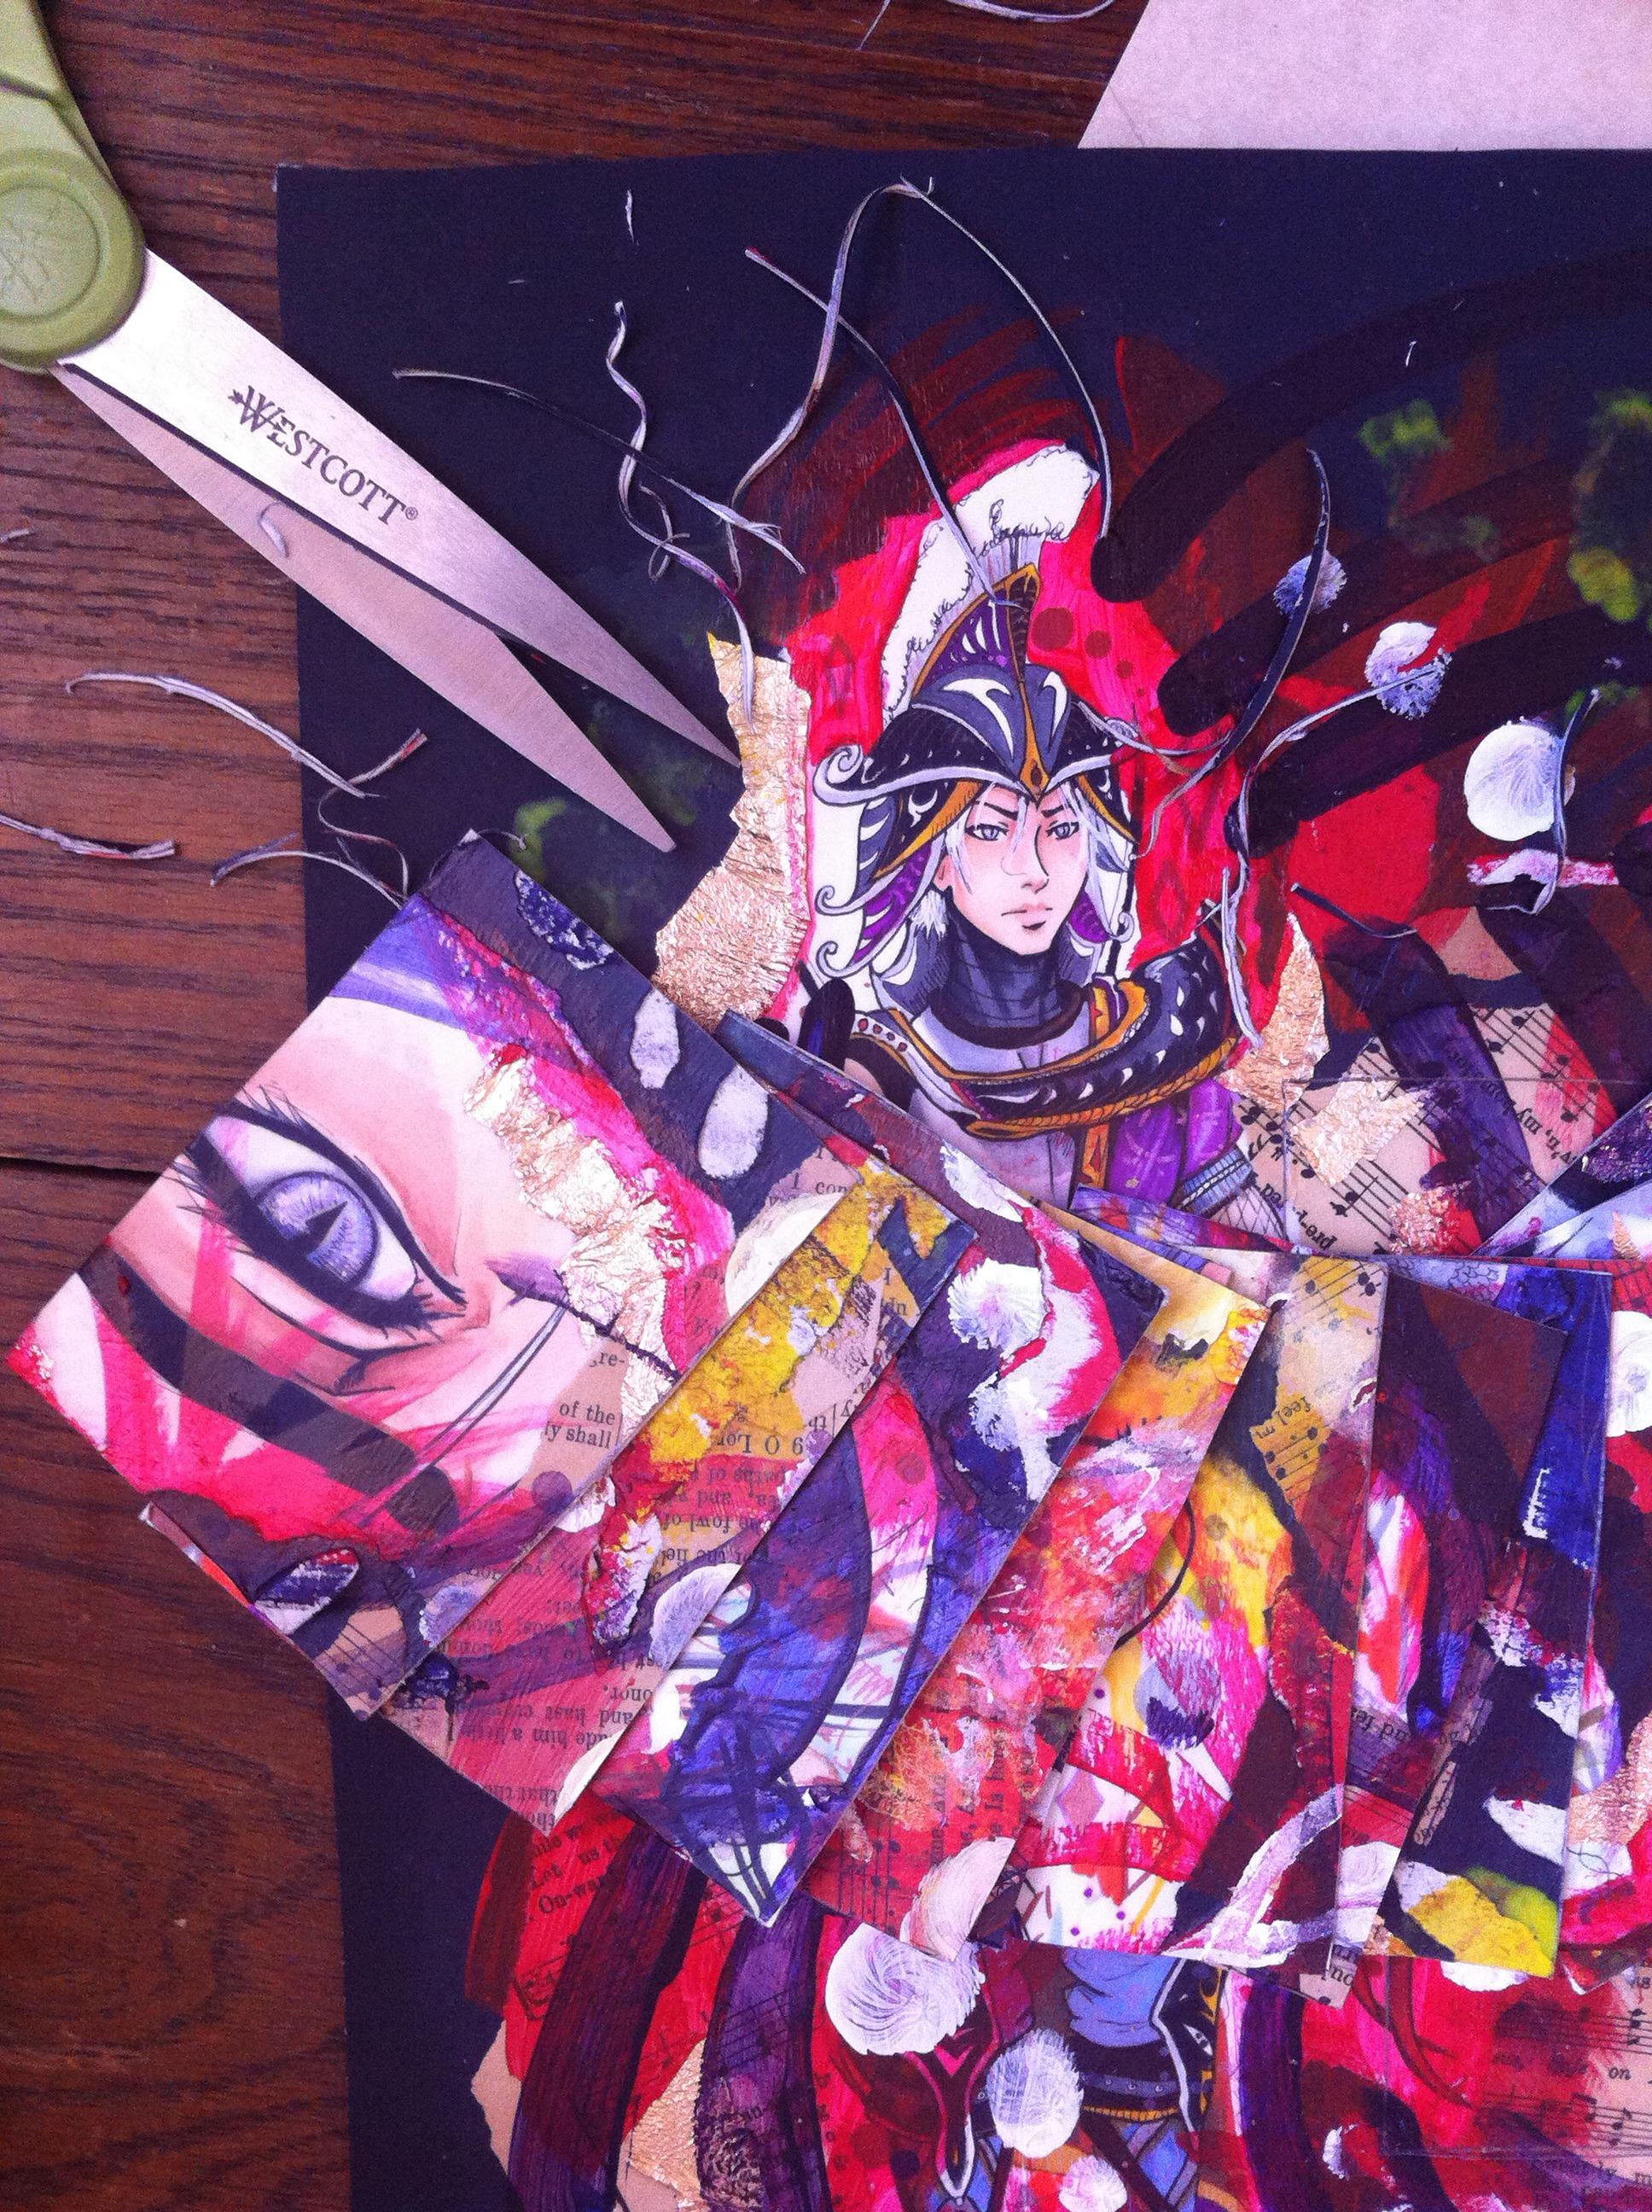 Artist Cards by Yavanni